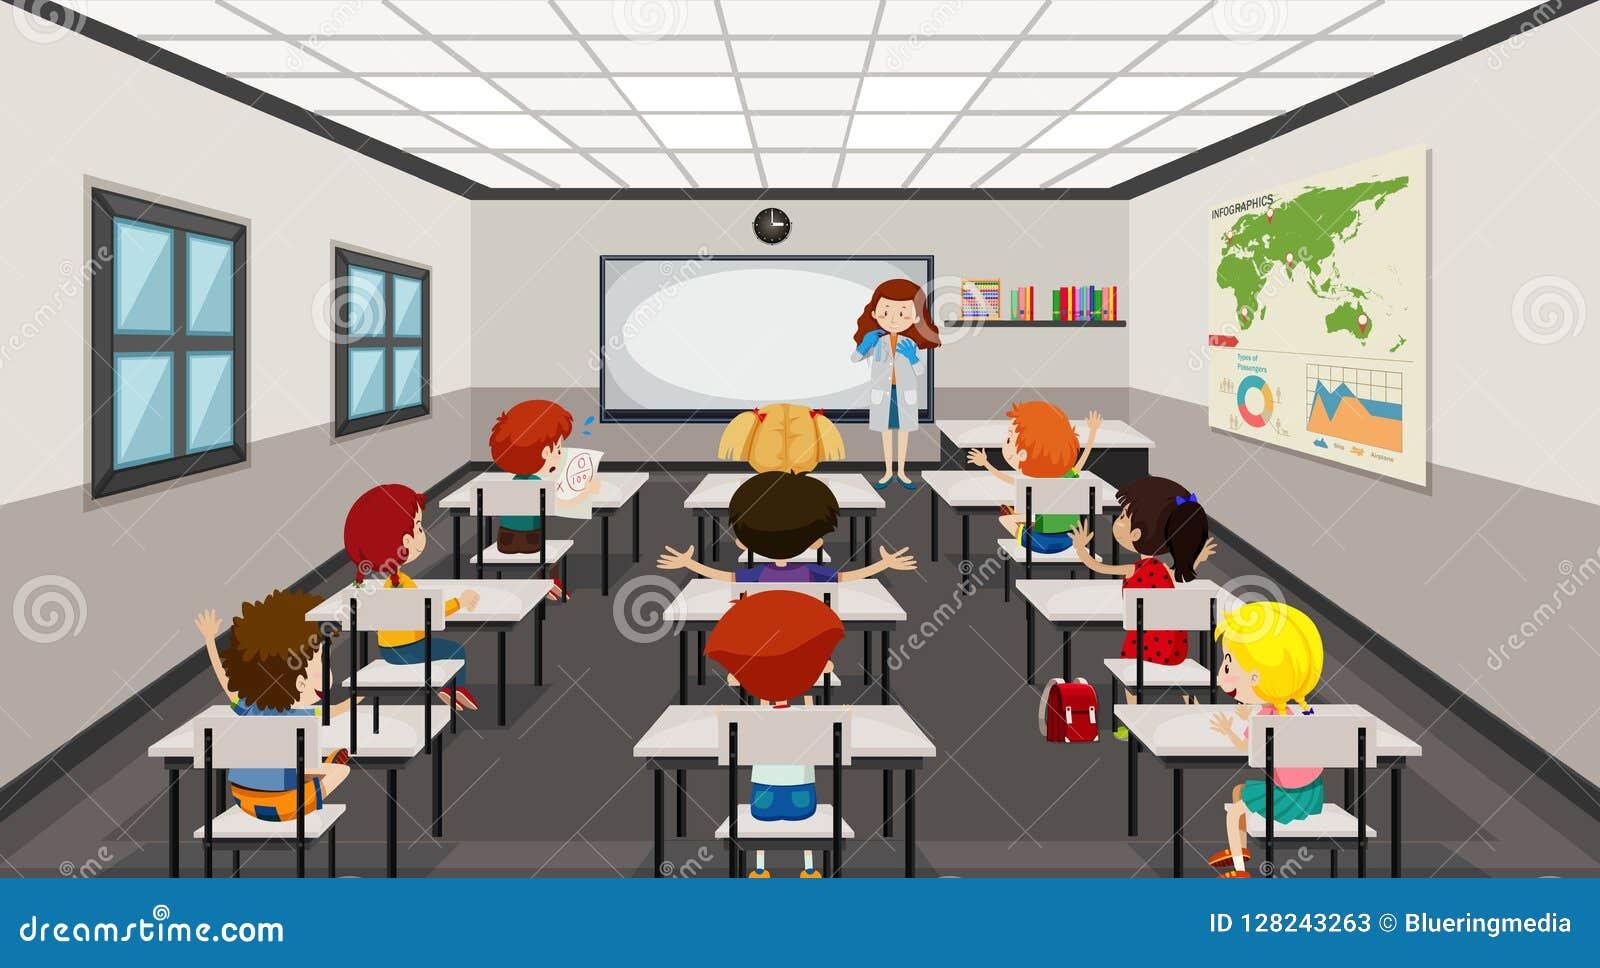 学生在现代教室